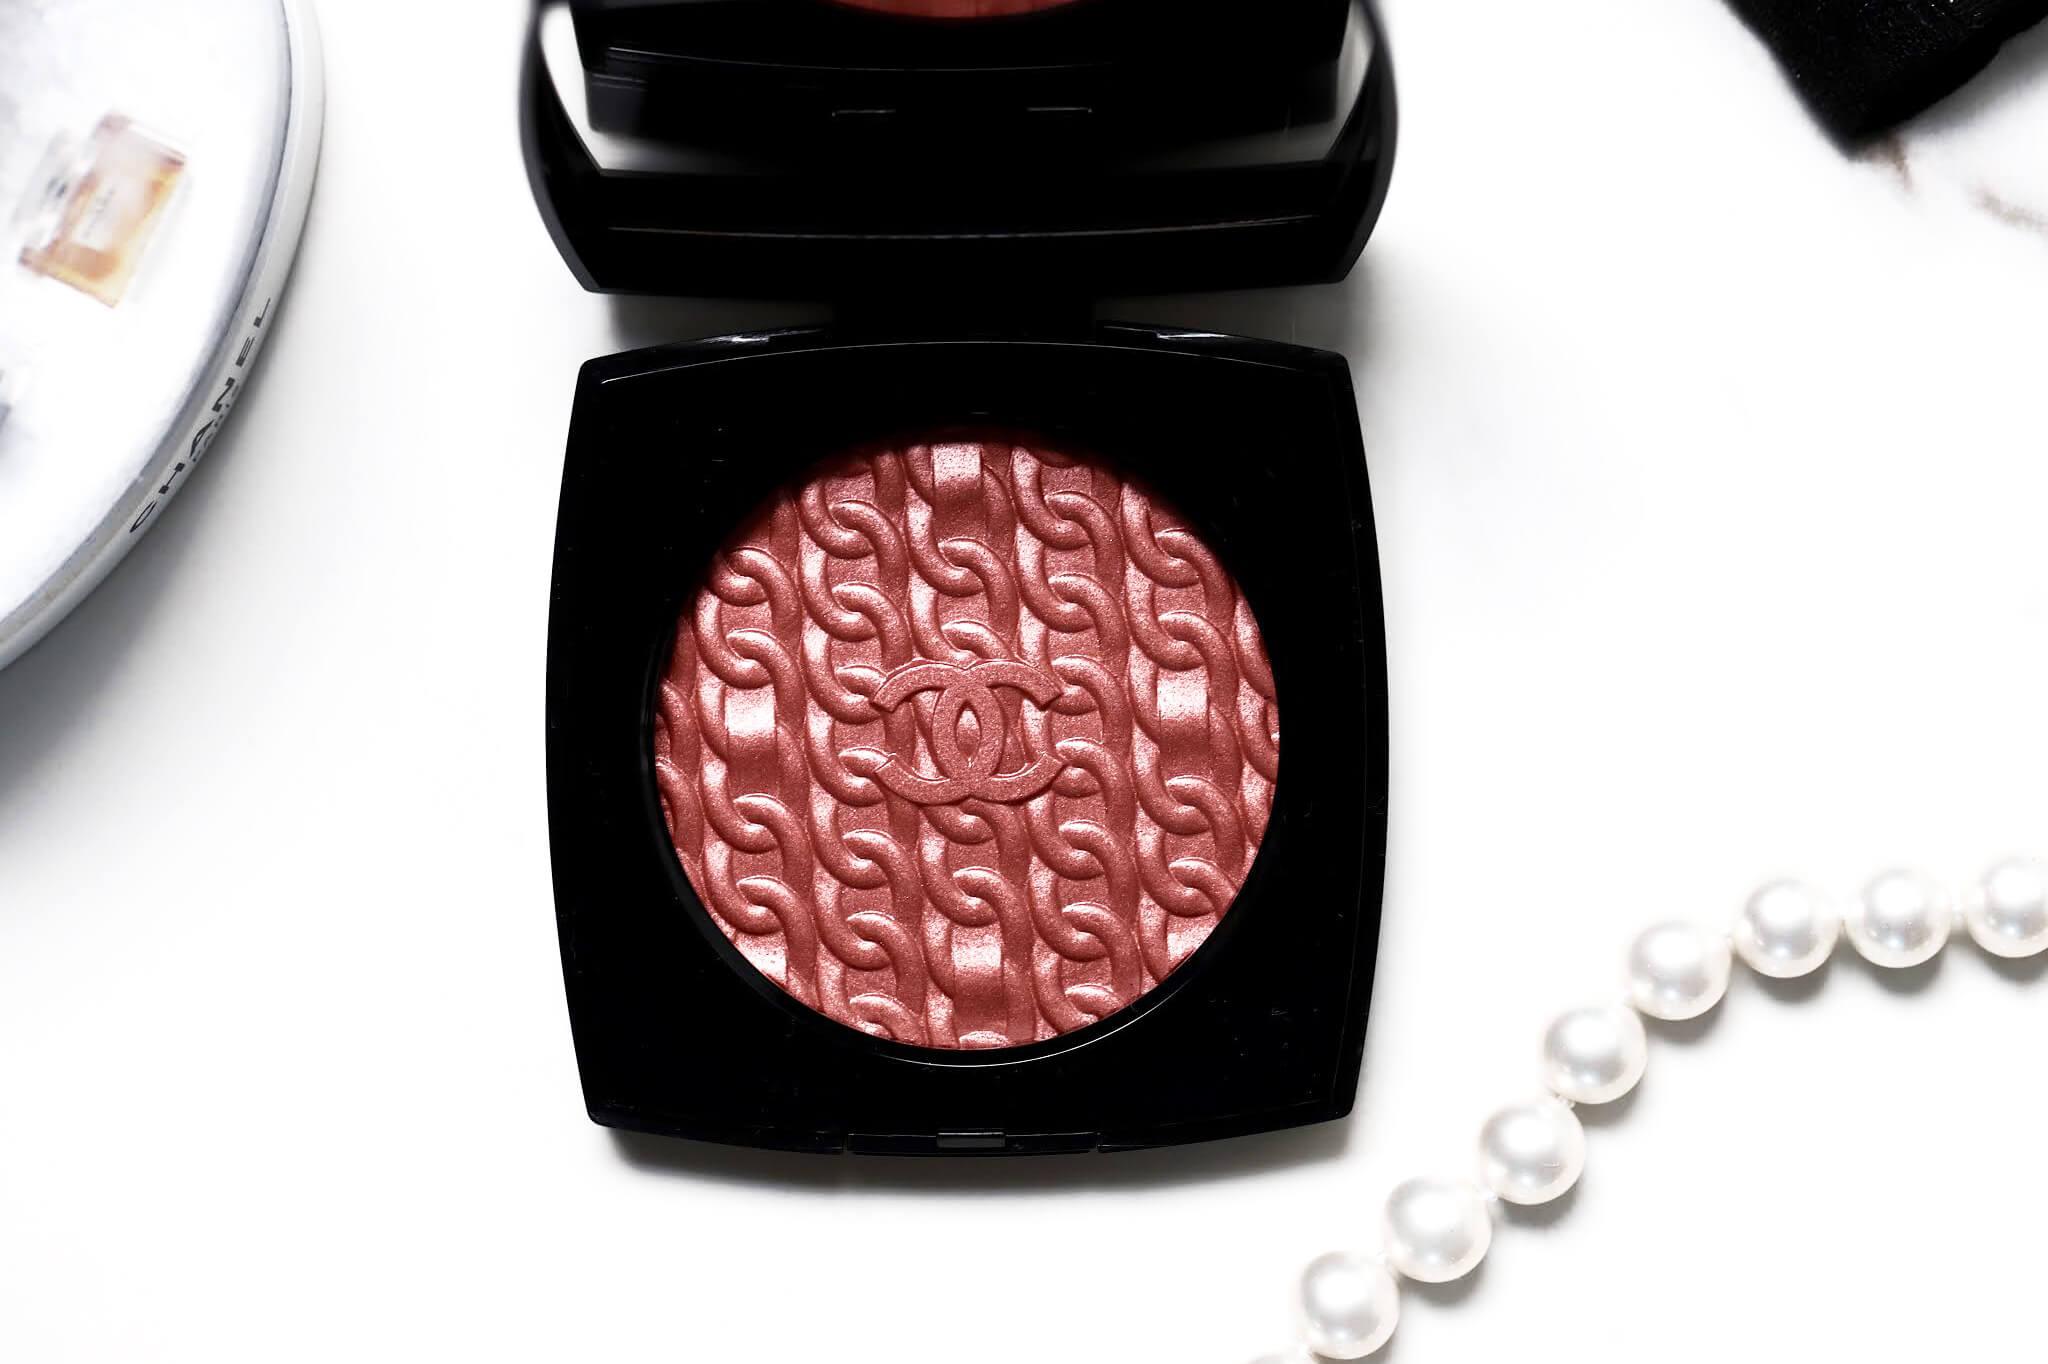 Les Chaîne sde Chanel Poudre Blush